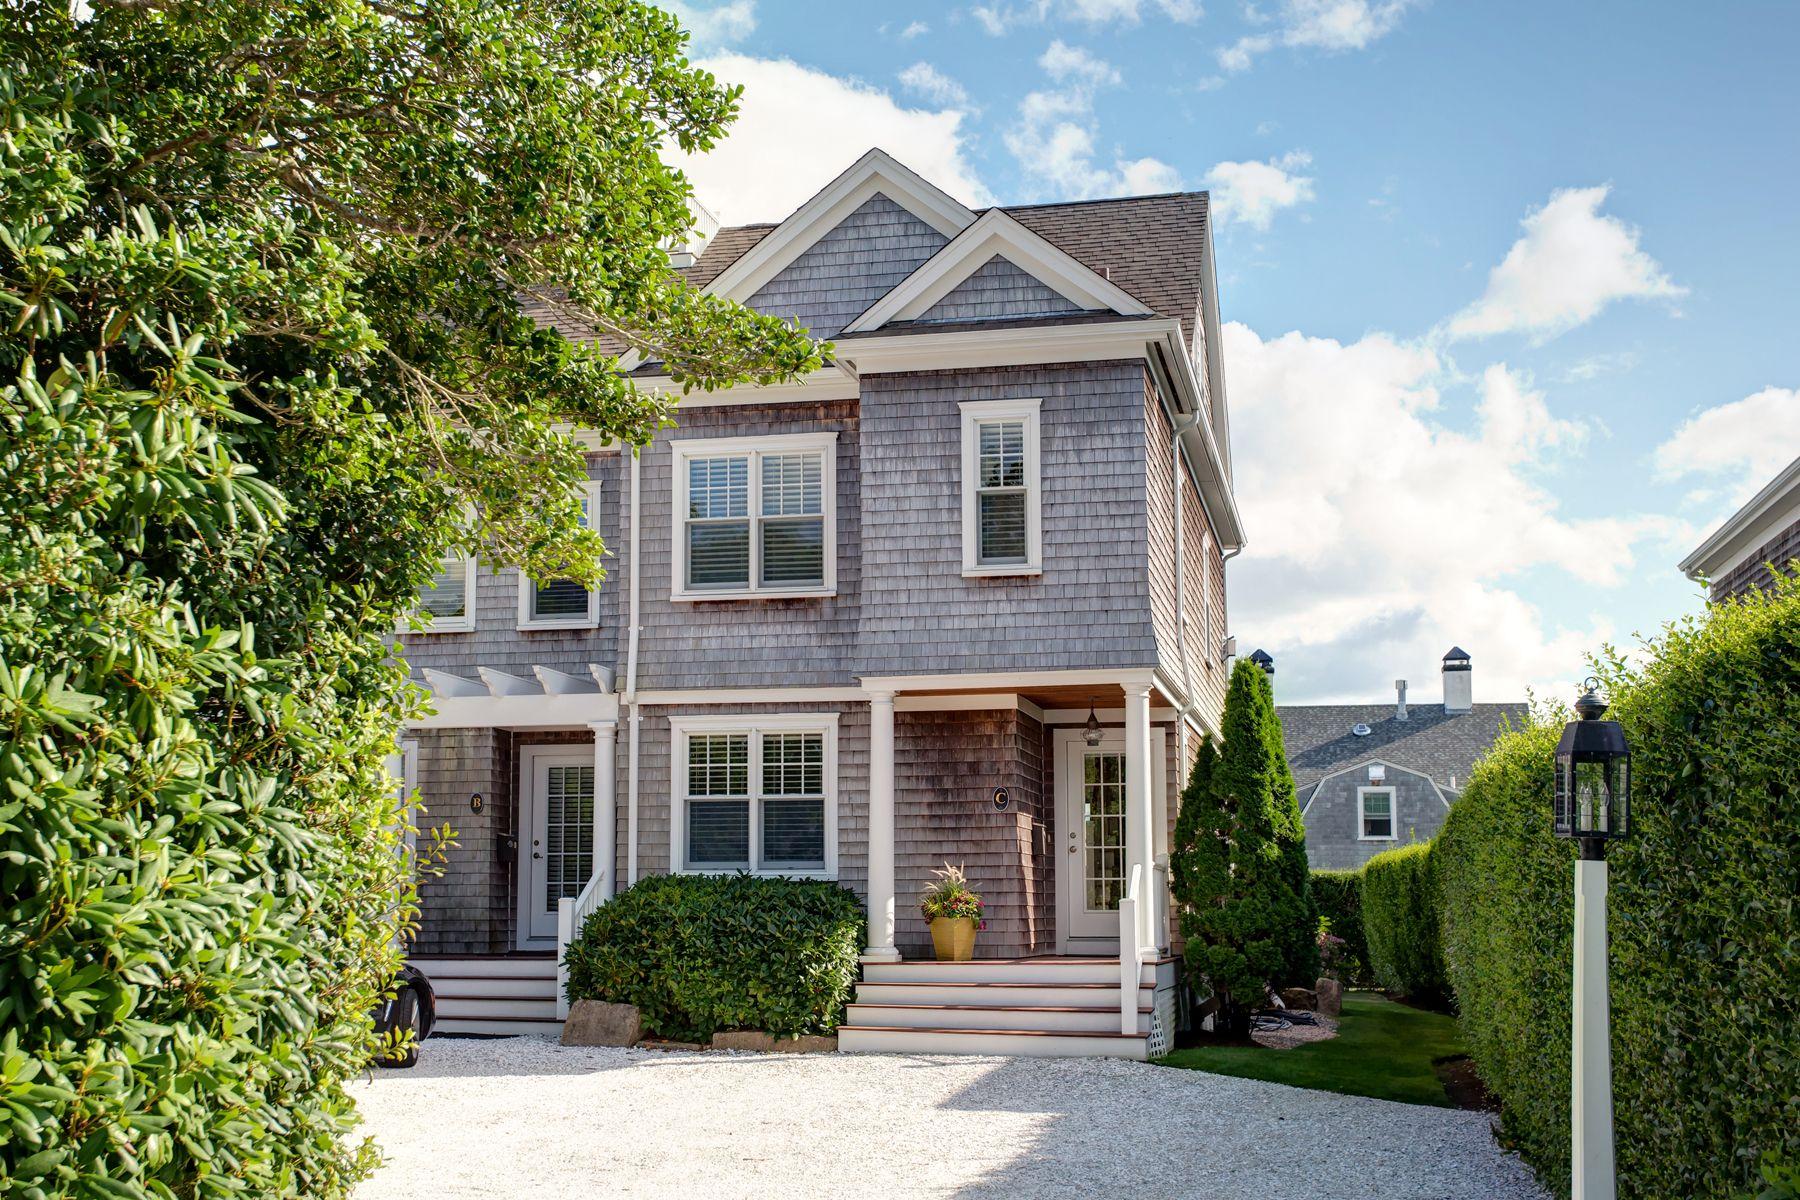 Condominiums 为 销售 在 法尔茅斯, 马萨诸塞州 02540 美国